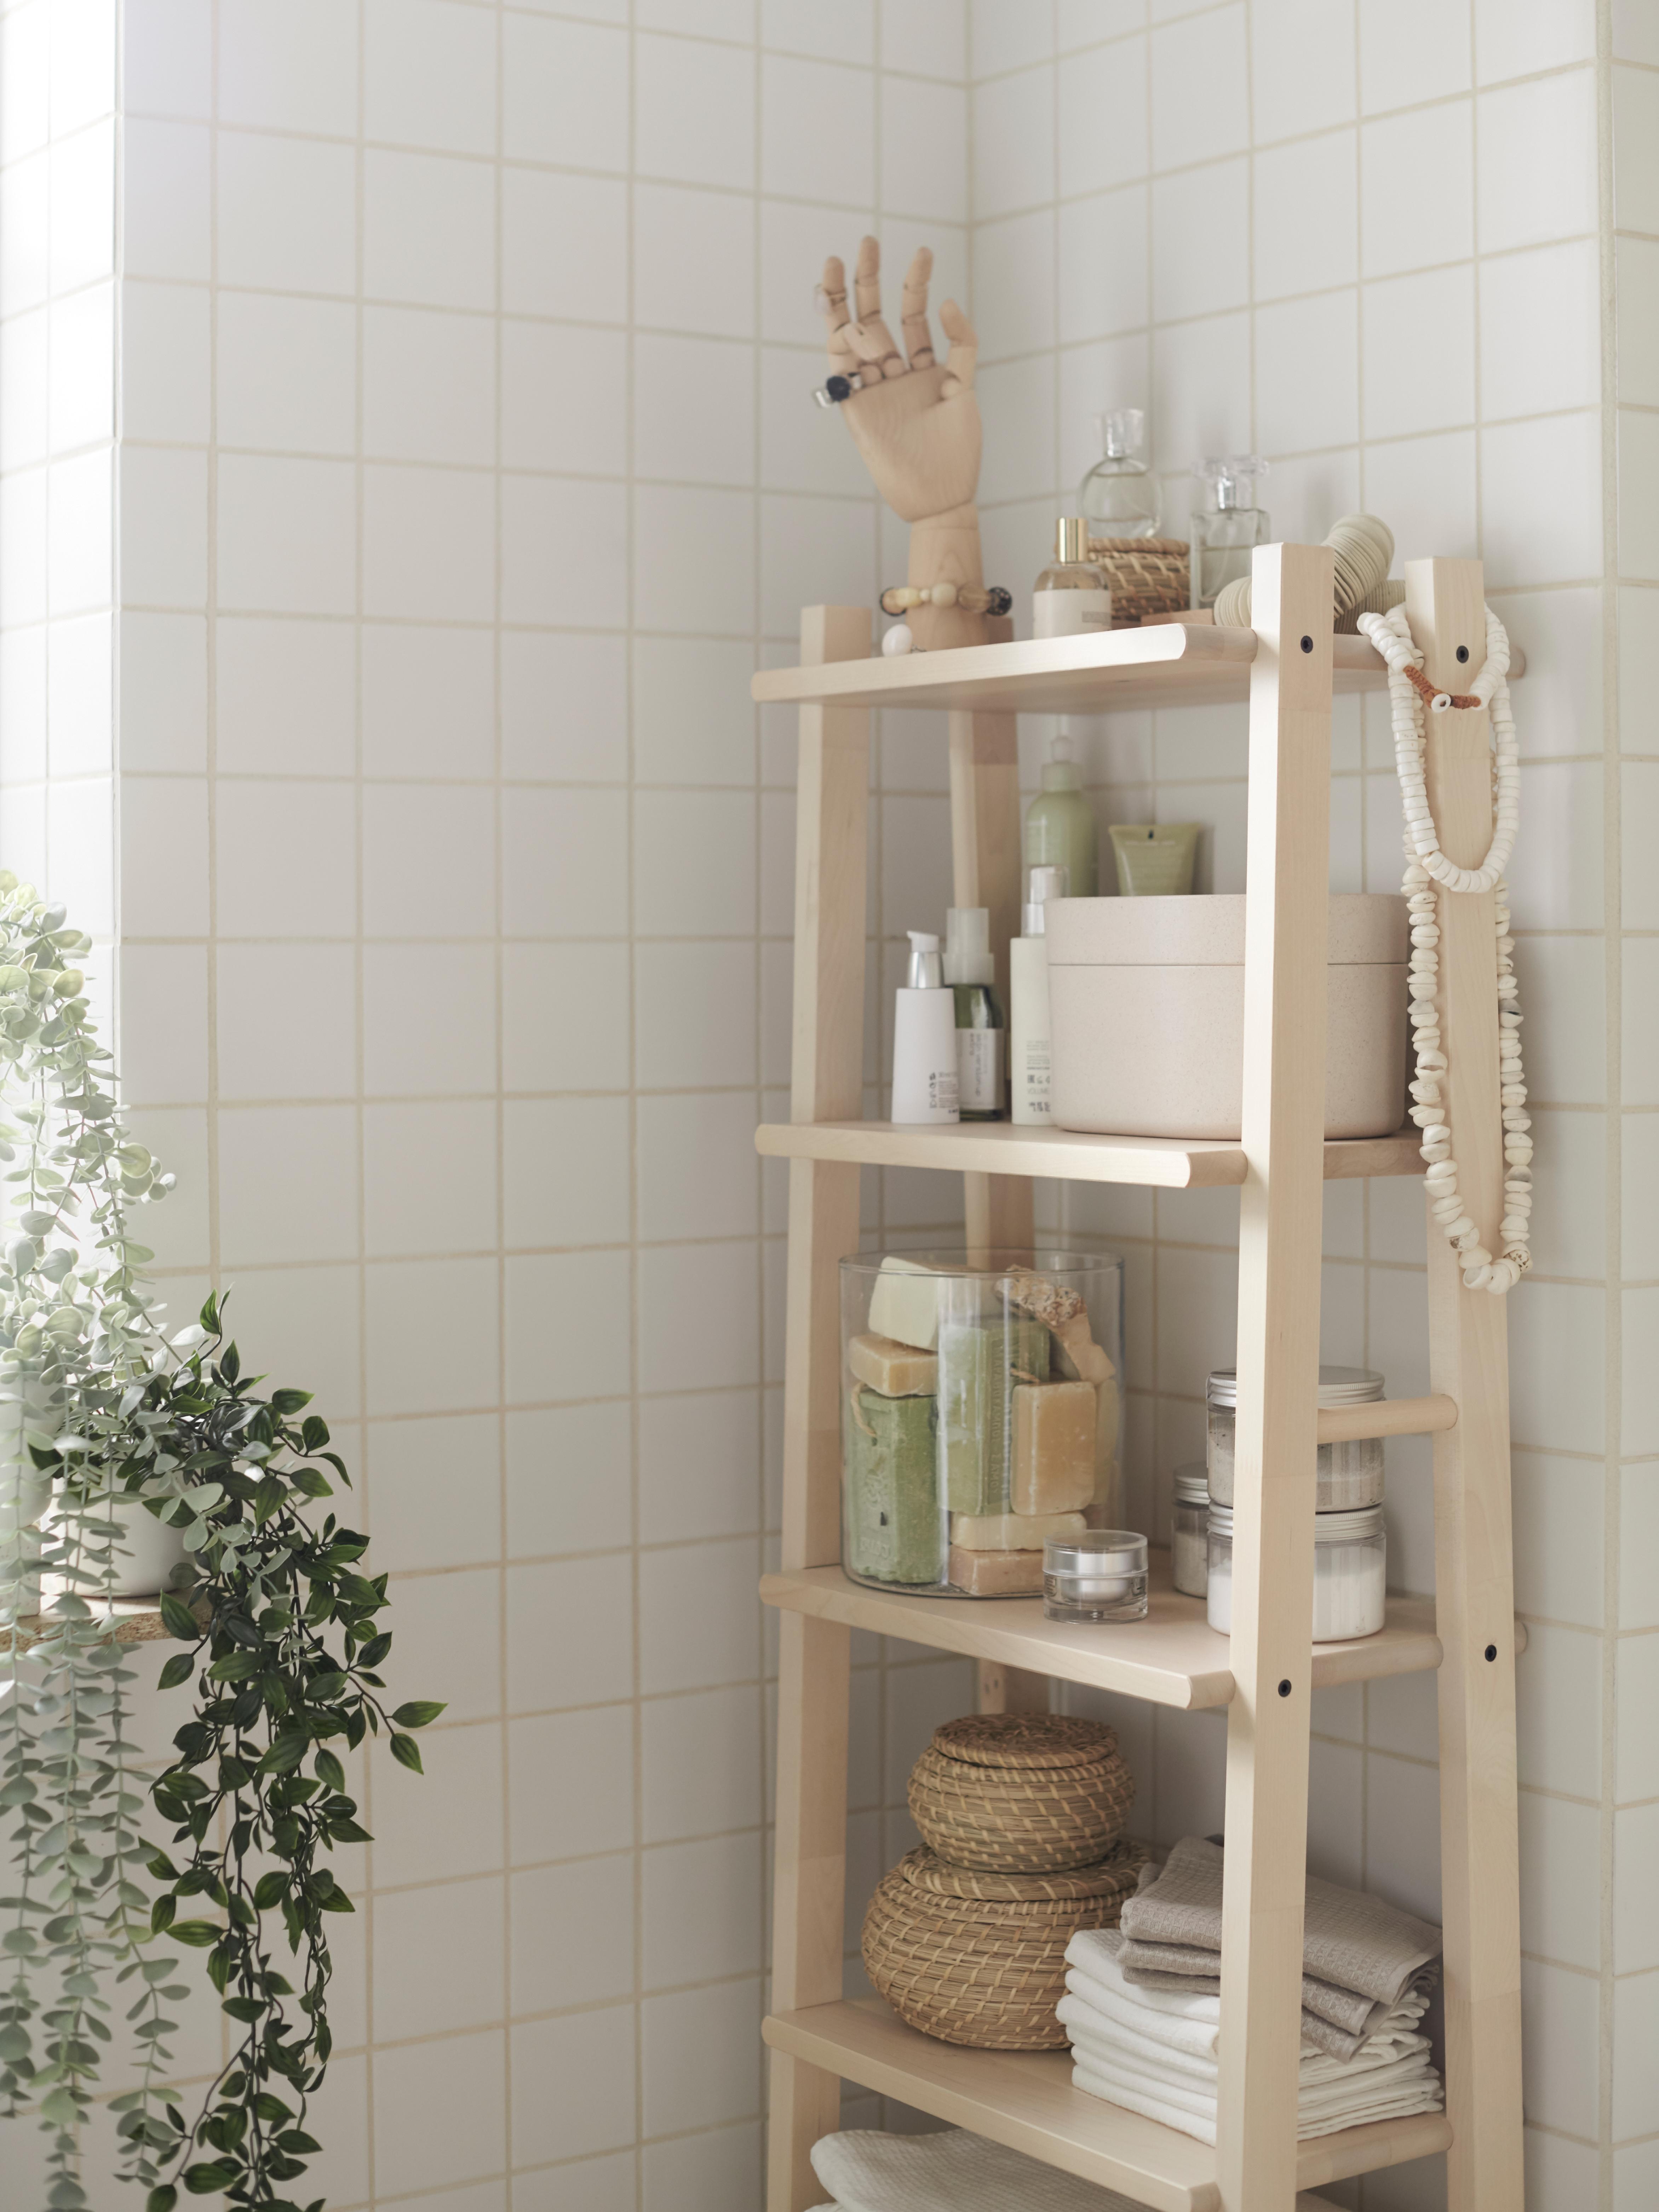 Kupaonica s VILTO regalom od pune breze s kutijama, ručnicima i HANDSKALAD ukrasnom rukom za izlaganje nakita.